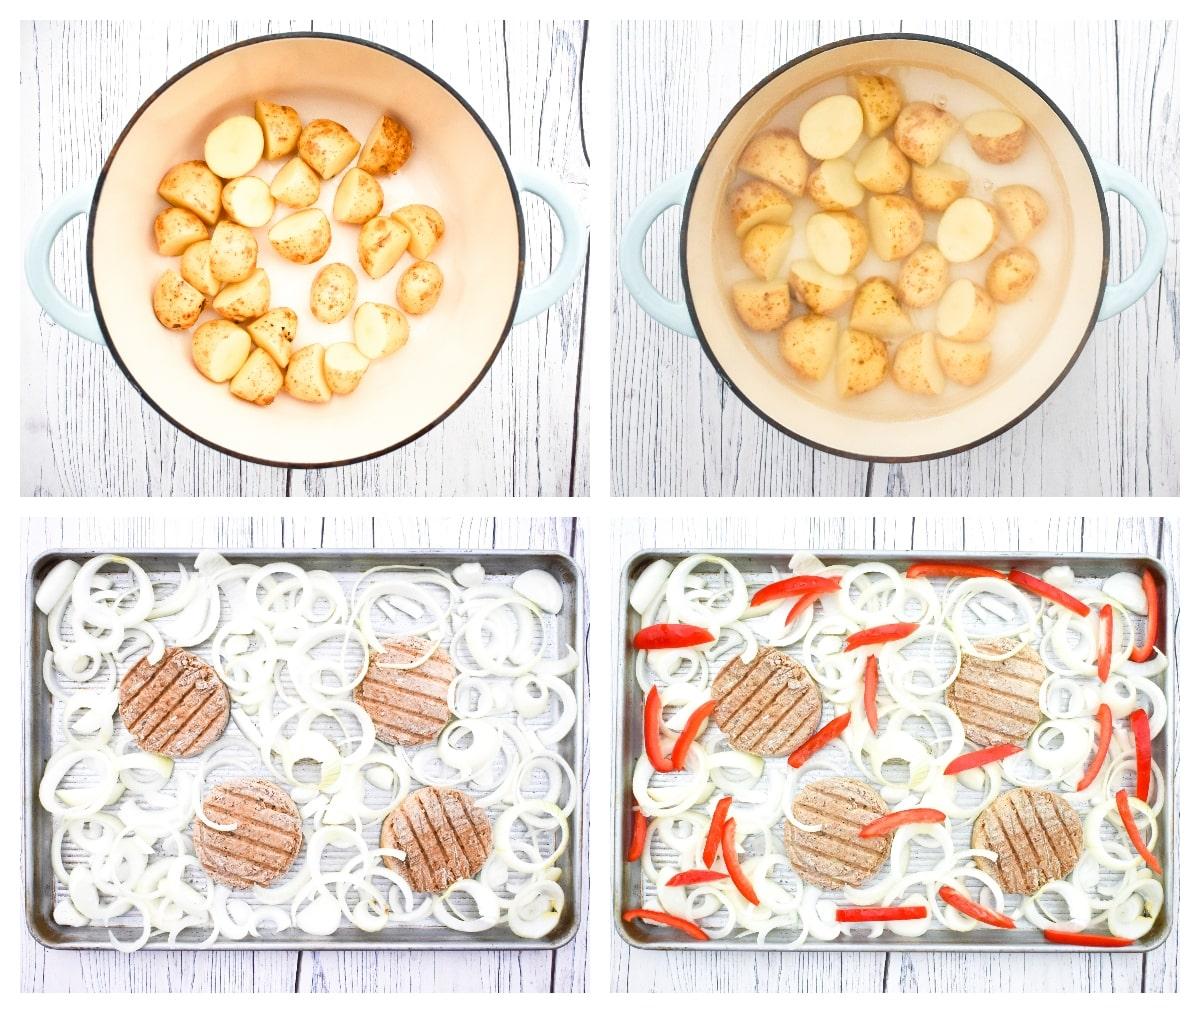 Vegan Burger & Onion Bake - Step 1